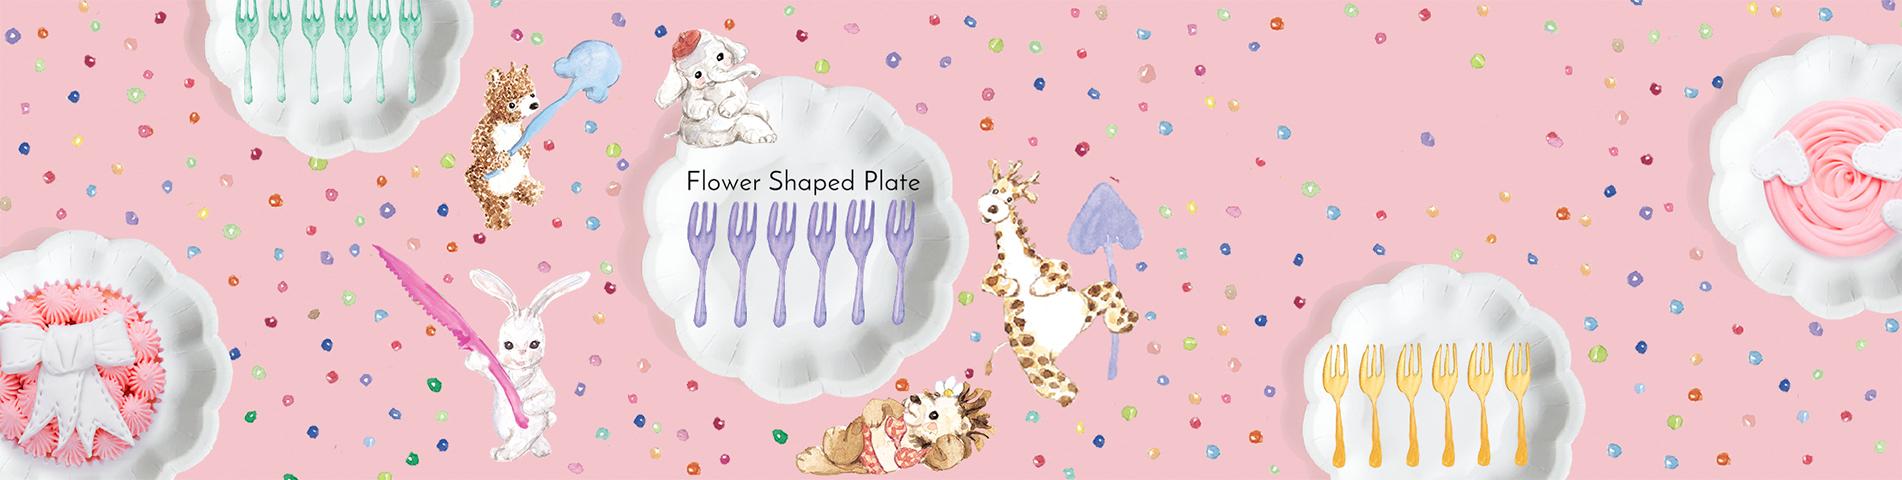 최신 목록    작은 꽃 케이크 포크 세트    테이블을 더욱 눈길을 끄십시오.